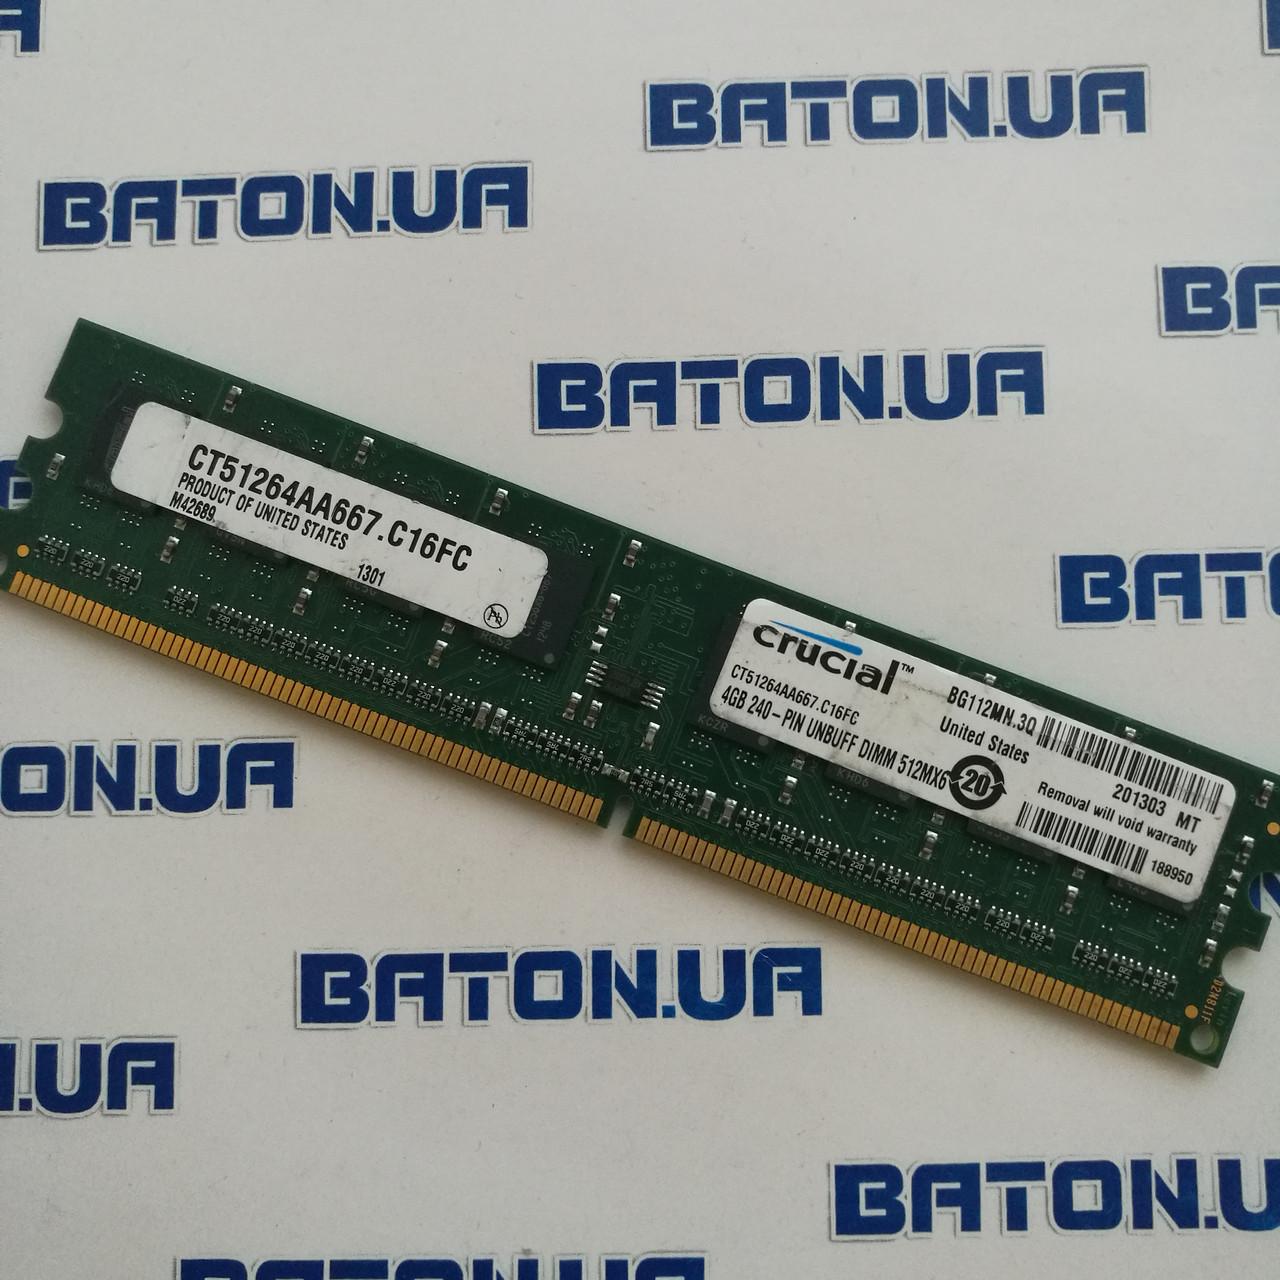 Оперативная память Crucial DDR2 4Gb 667MHz PC2 5300U CL5 (CT51264AA667)